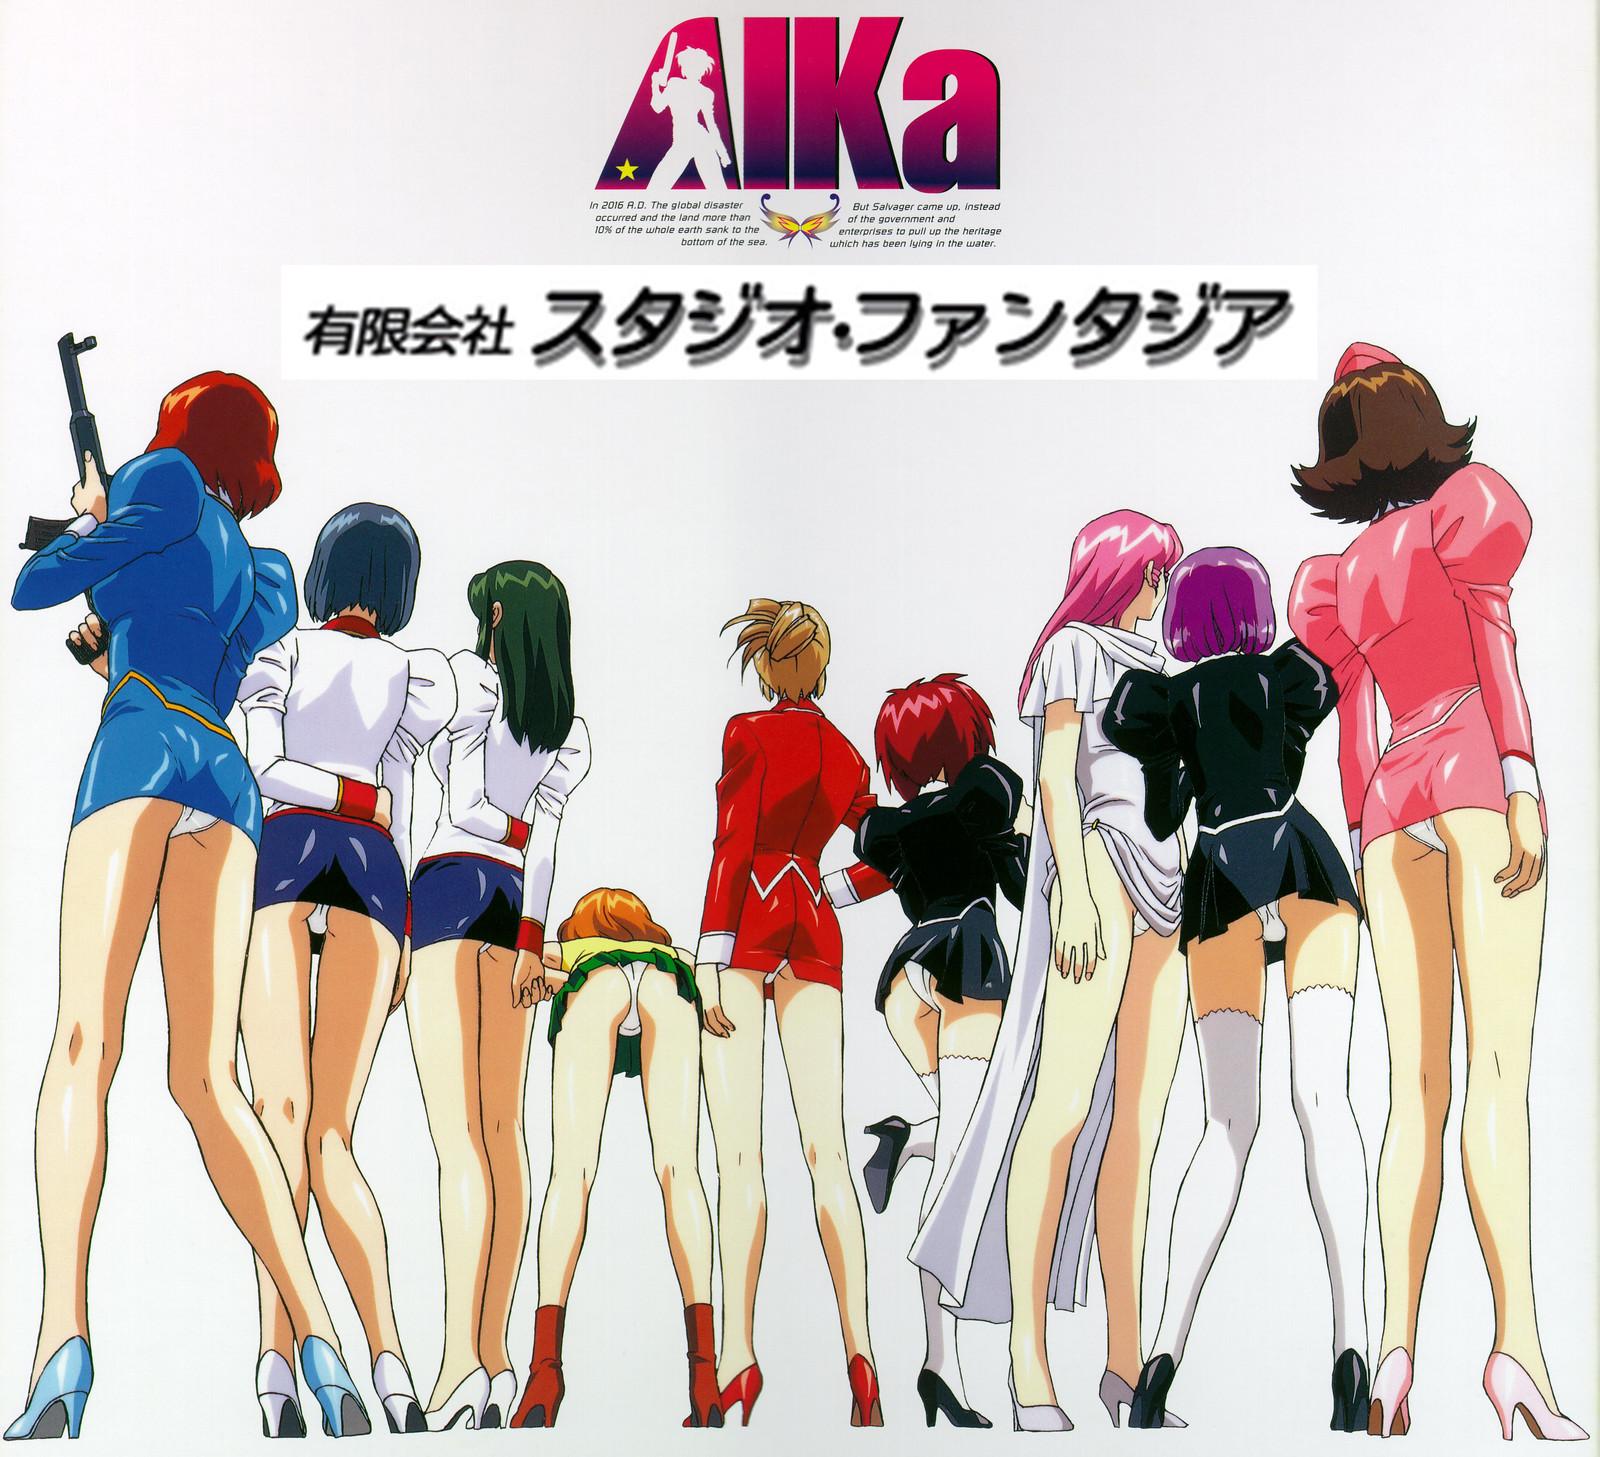 161124(2) - 招牌『露小褲褲』動畫公司「スタジオ・ファンタジア」已經宣告破產、負債約2億日圓。【25日更新】